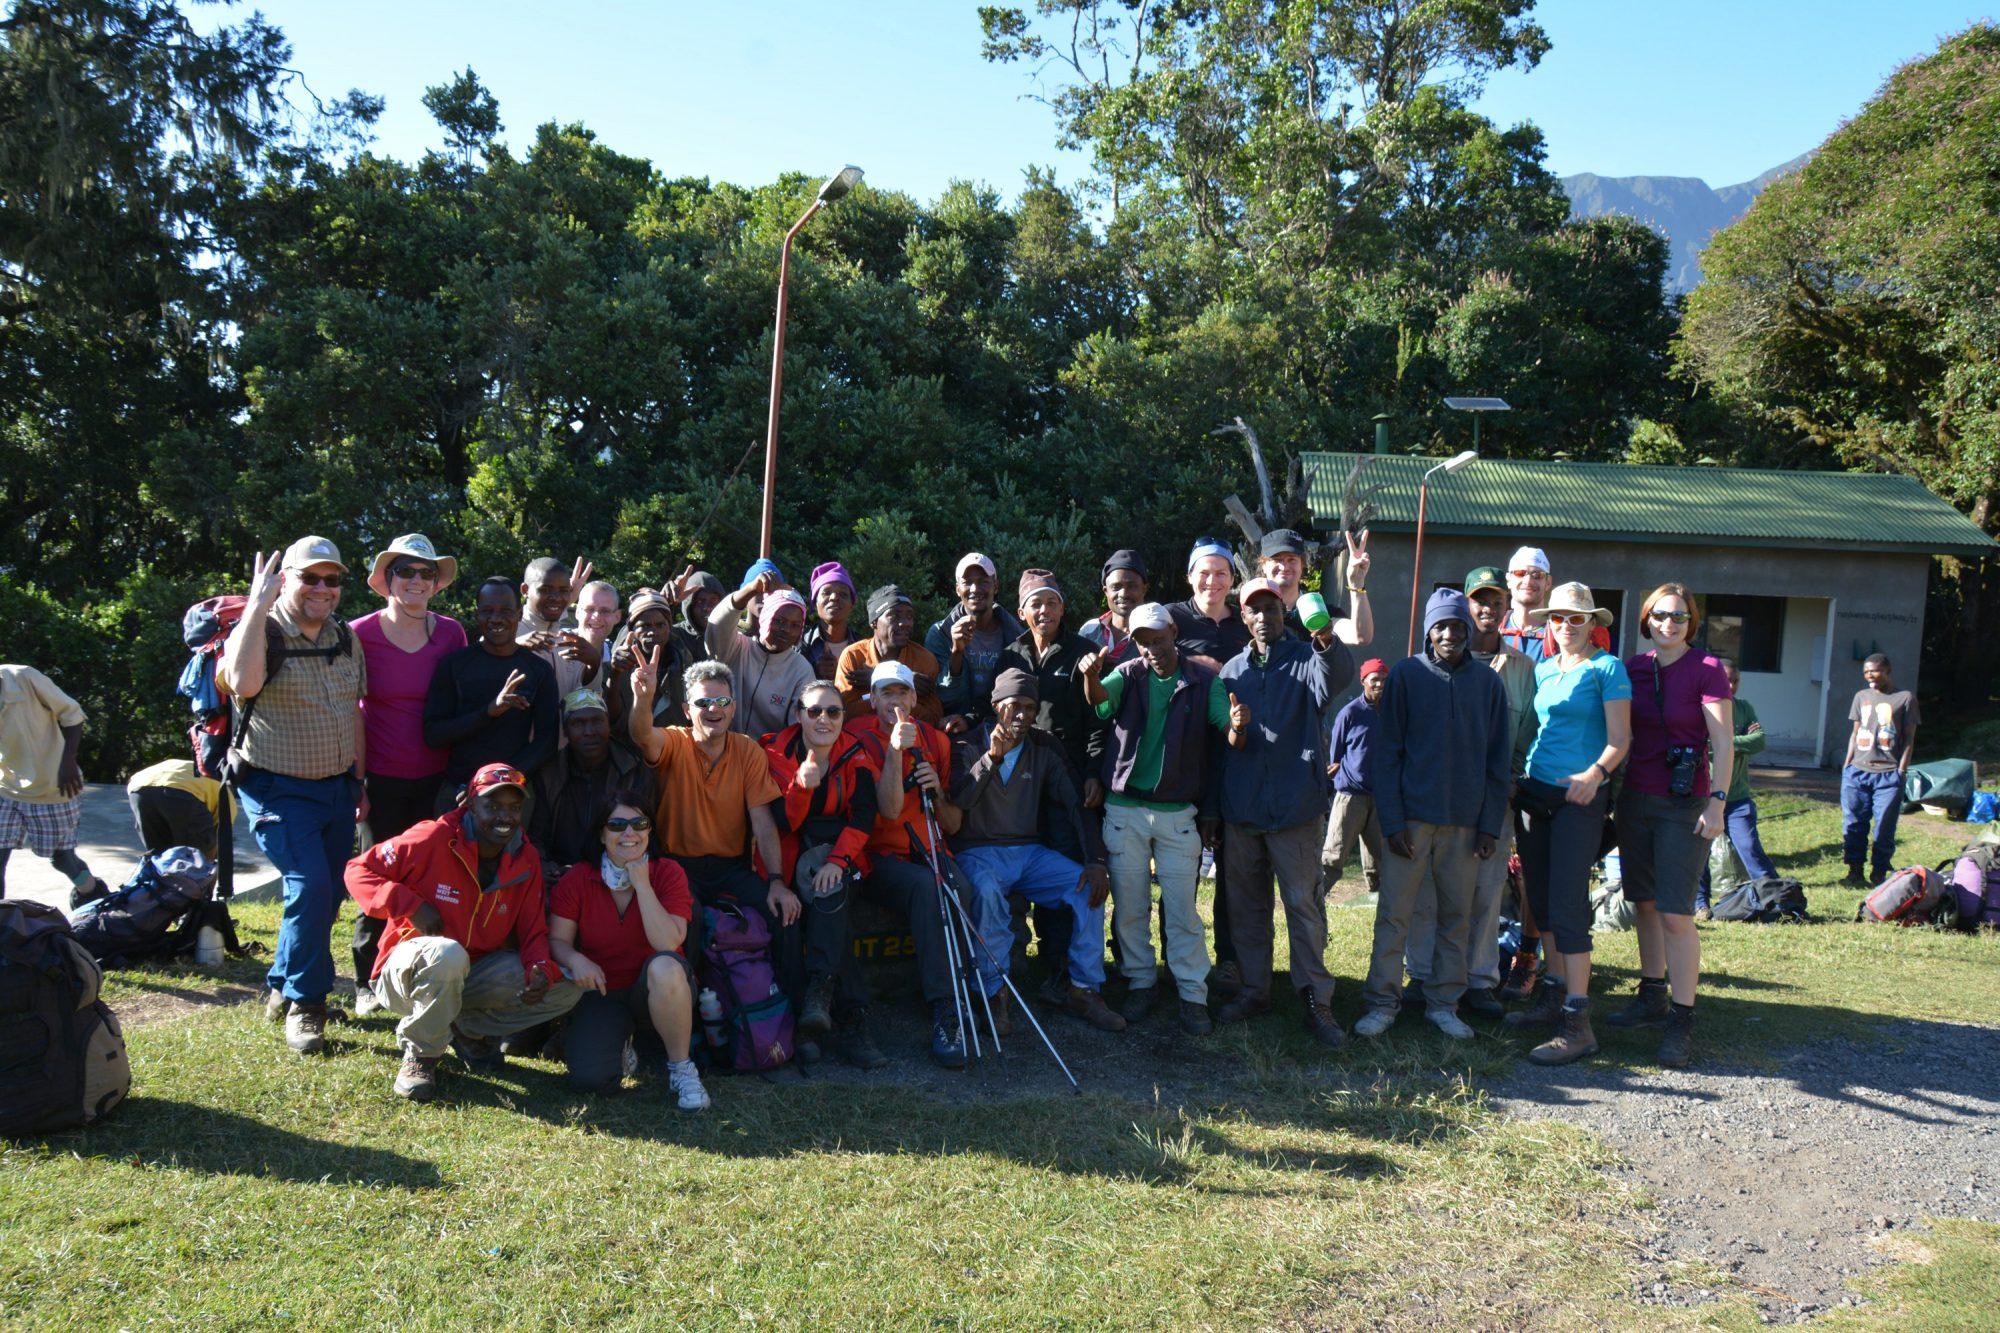 Gruppenbild Miriakamba Hütte am Mount Meru, Mount Meru Besteigung, Tour, Erfahrungsbericht, Afrika, Tansania, Bergtour